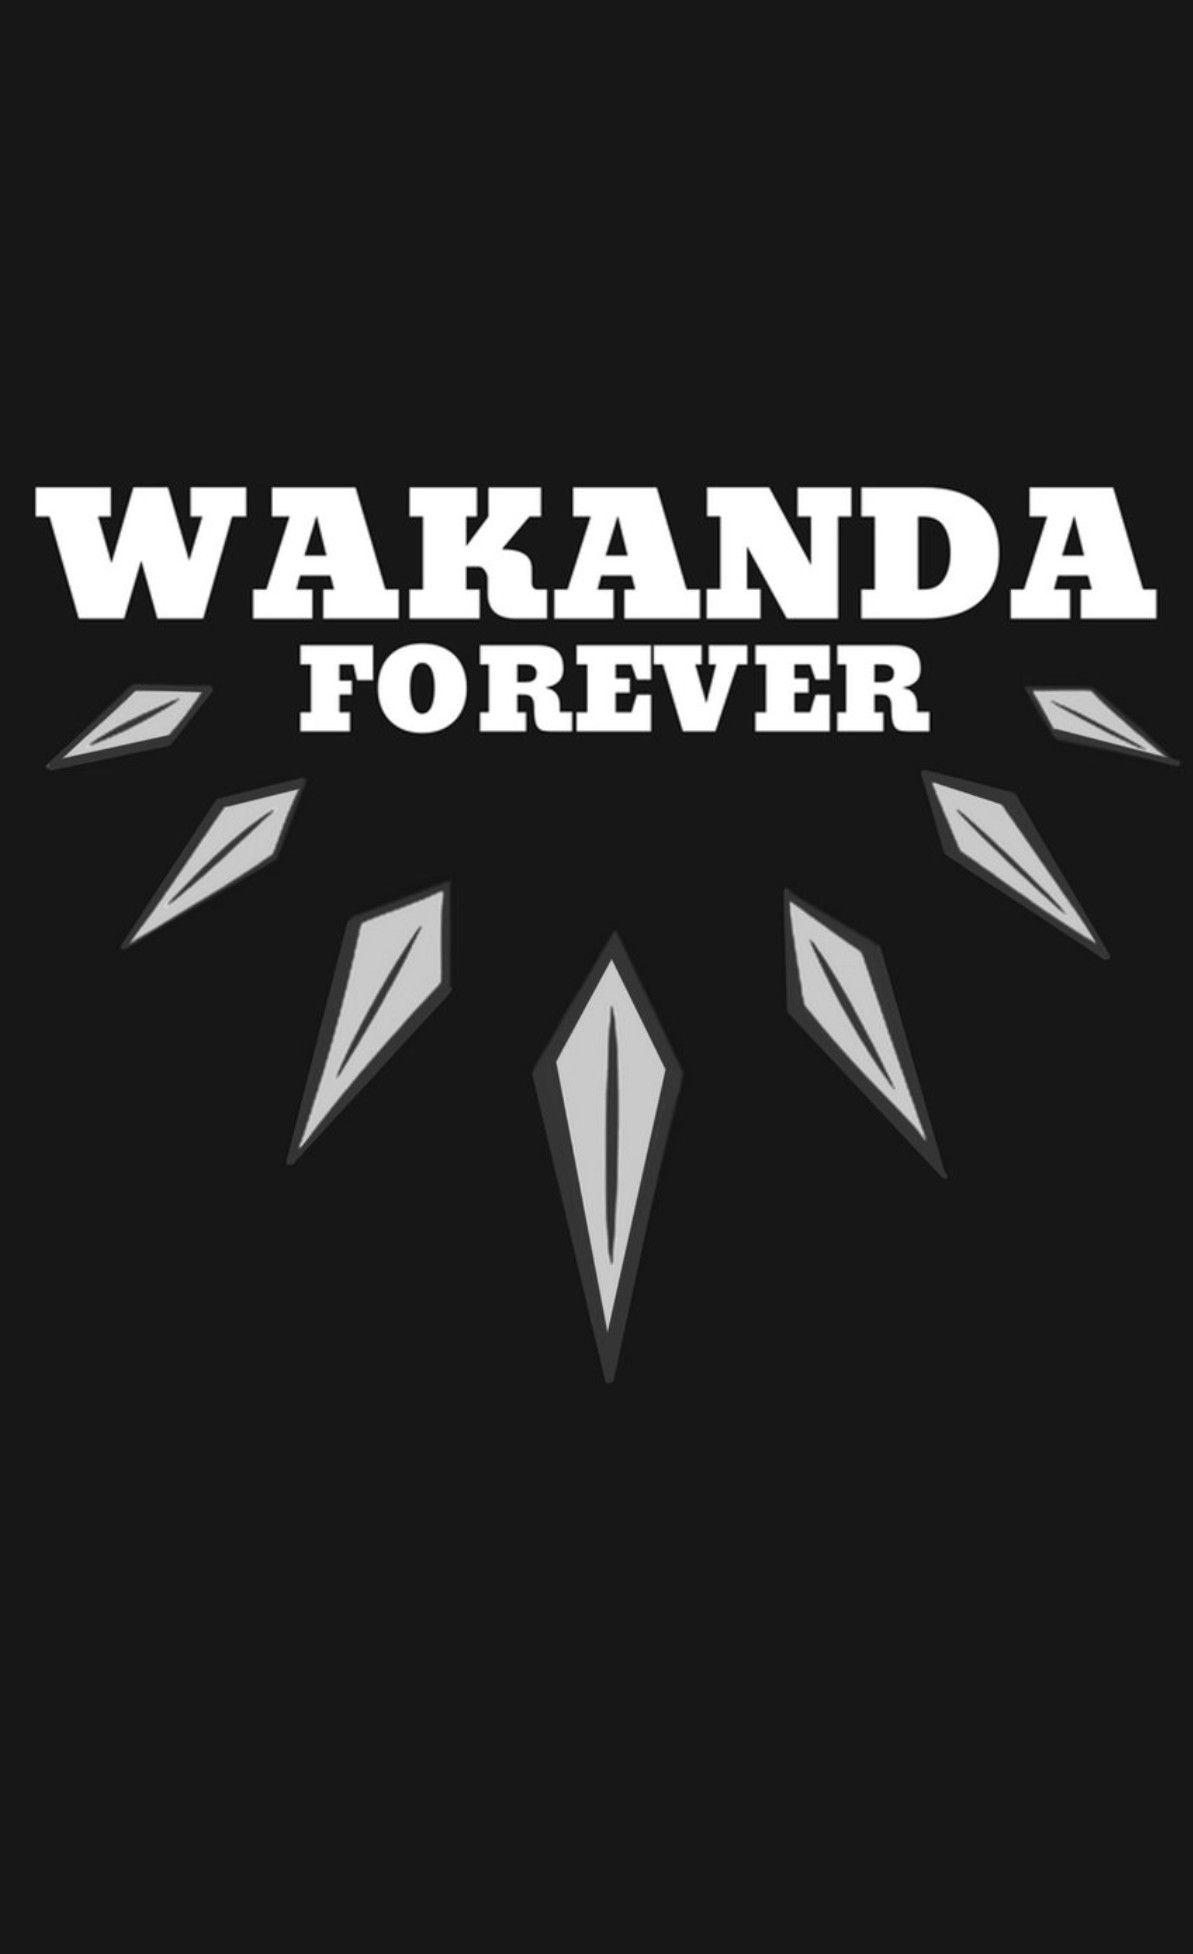 Black Panther - Wakanda Forever, T'Challa | Pantera negra, Inspiração para tatuagem, Super herói